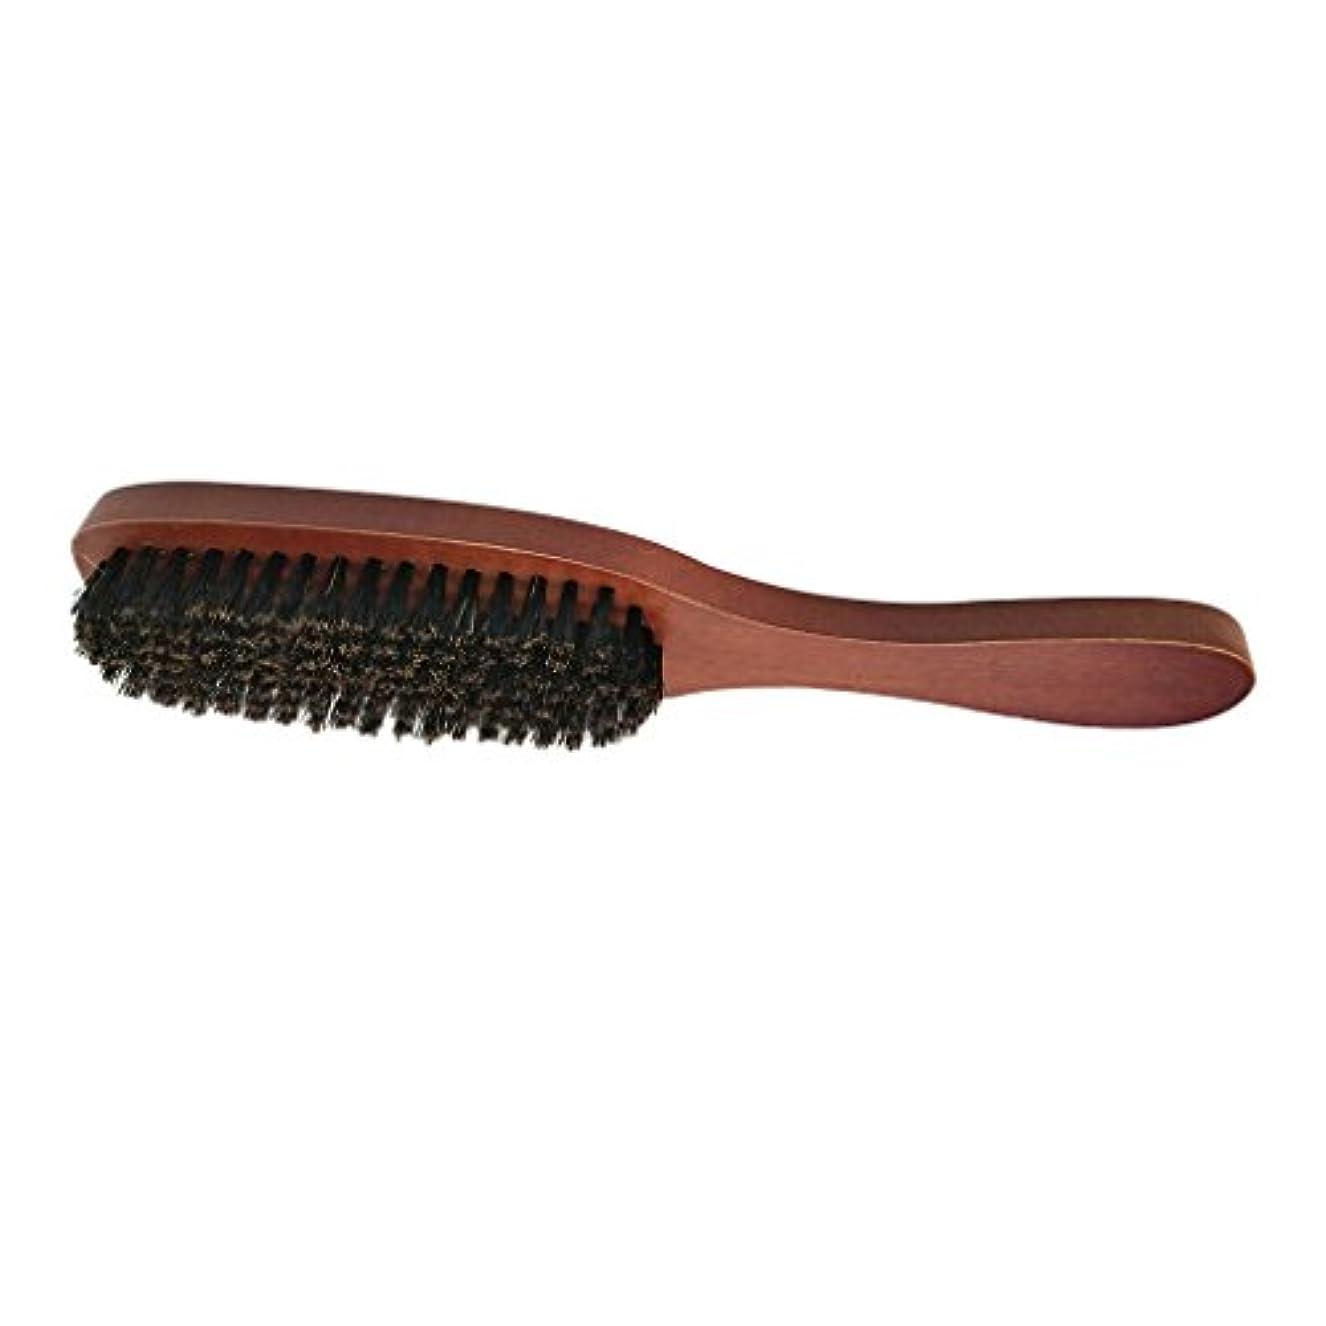 ガイドラインメーカー勝つ男性ナチュラルしっかり剛毛ブラシひげ口ひげスタイリンググルーミングシェービング木製ハンドルくしすべてのひげバーム&オイル - #1